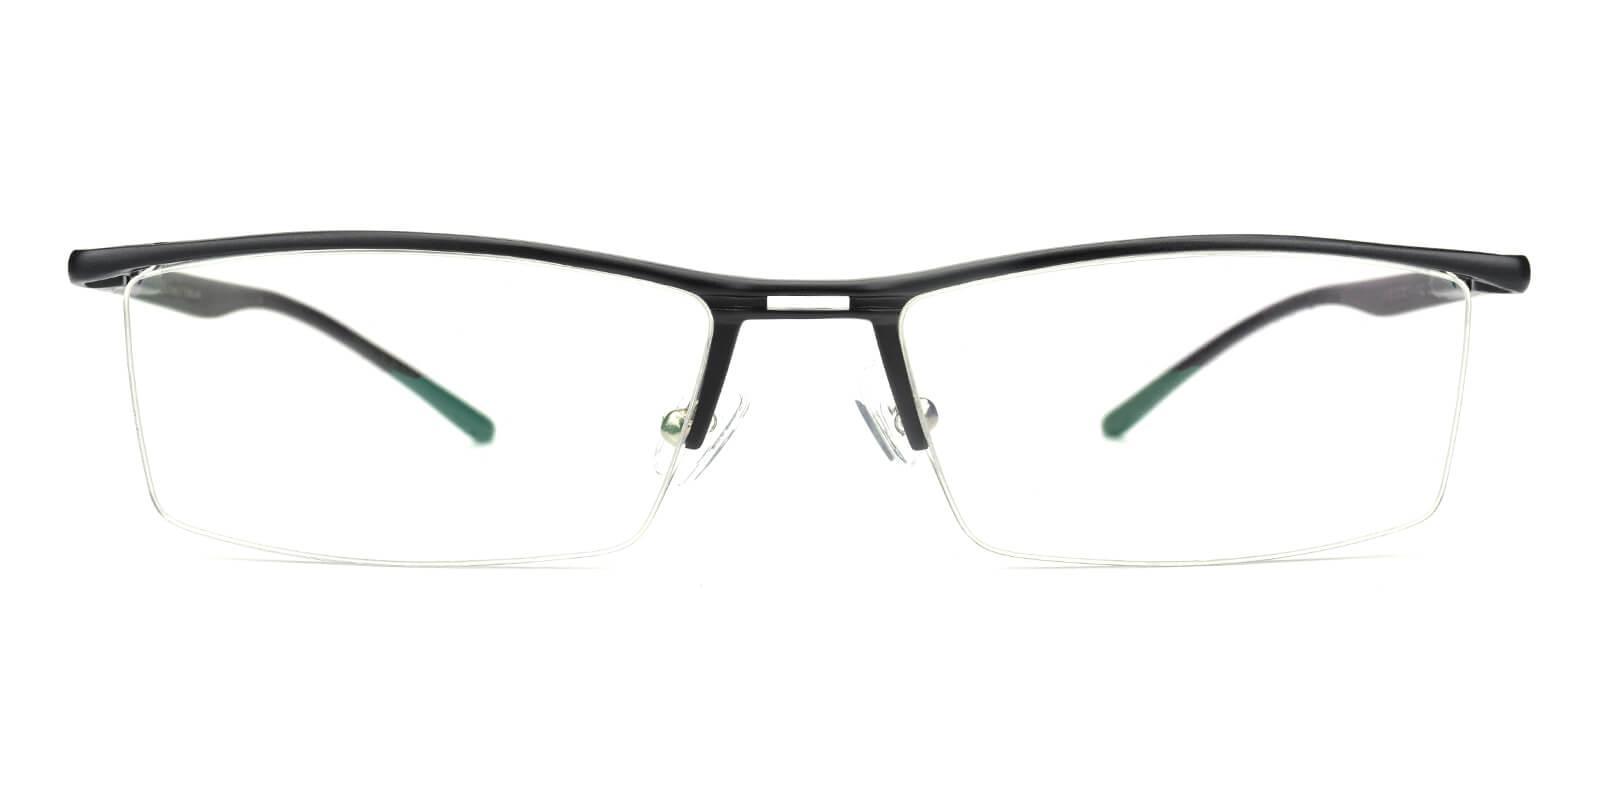 Metalla-Gun-Rectangle-Metal-Eyeglasses-detail